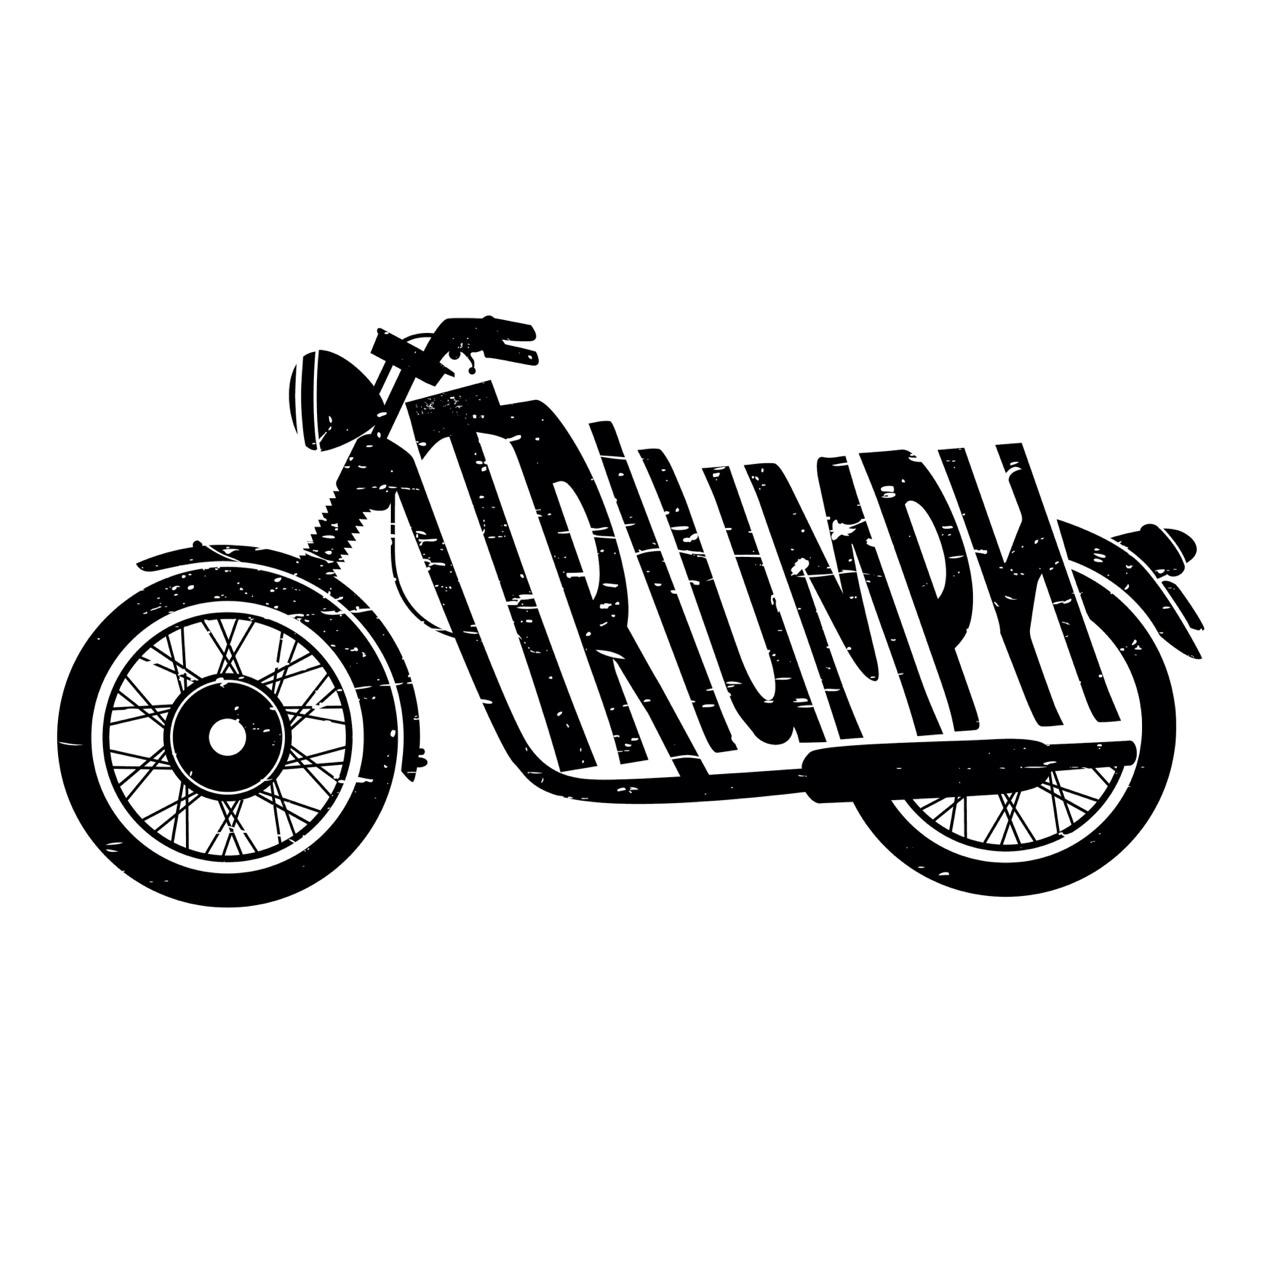 Logo clipart motorcycle Groupes PARIS discussion Proprio de